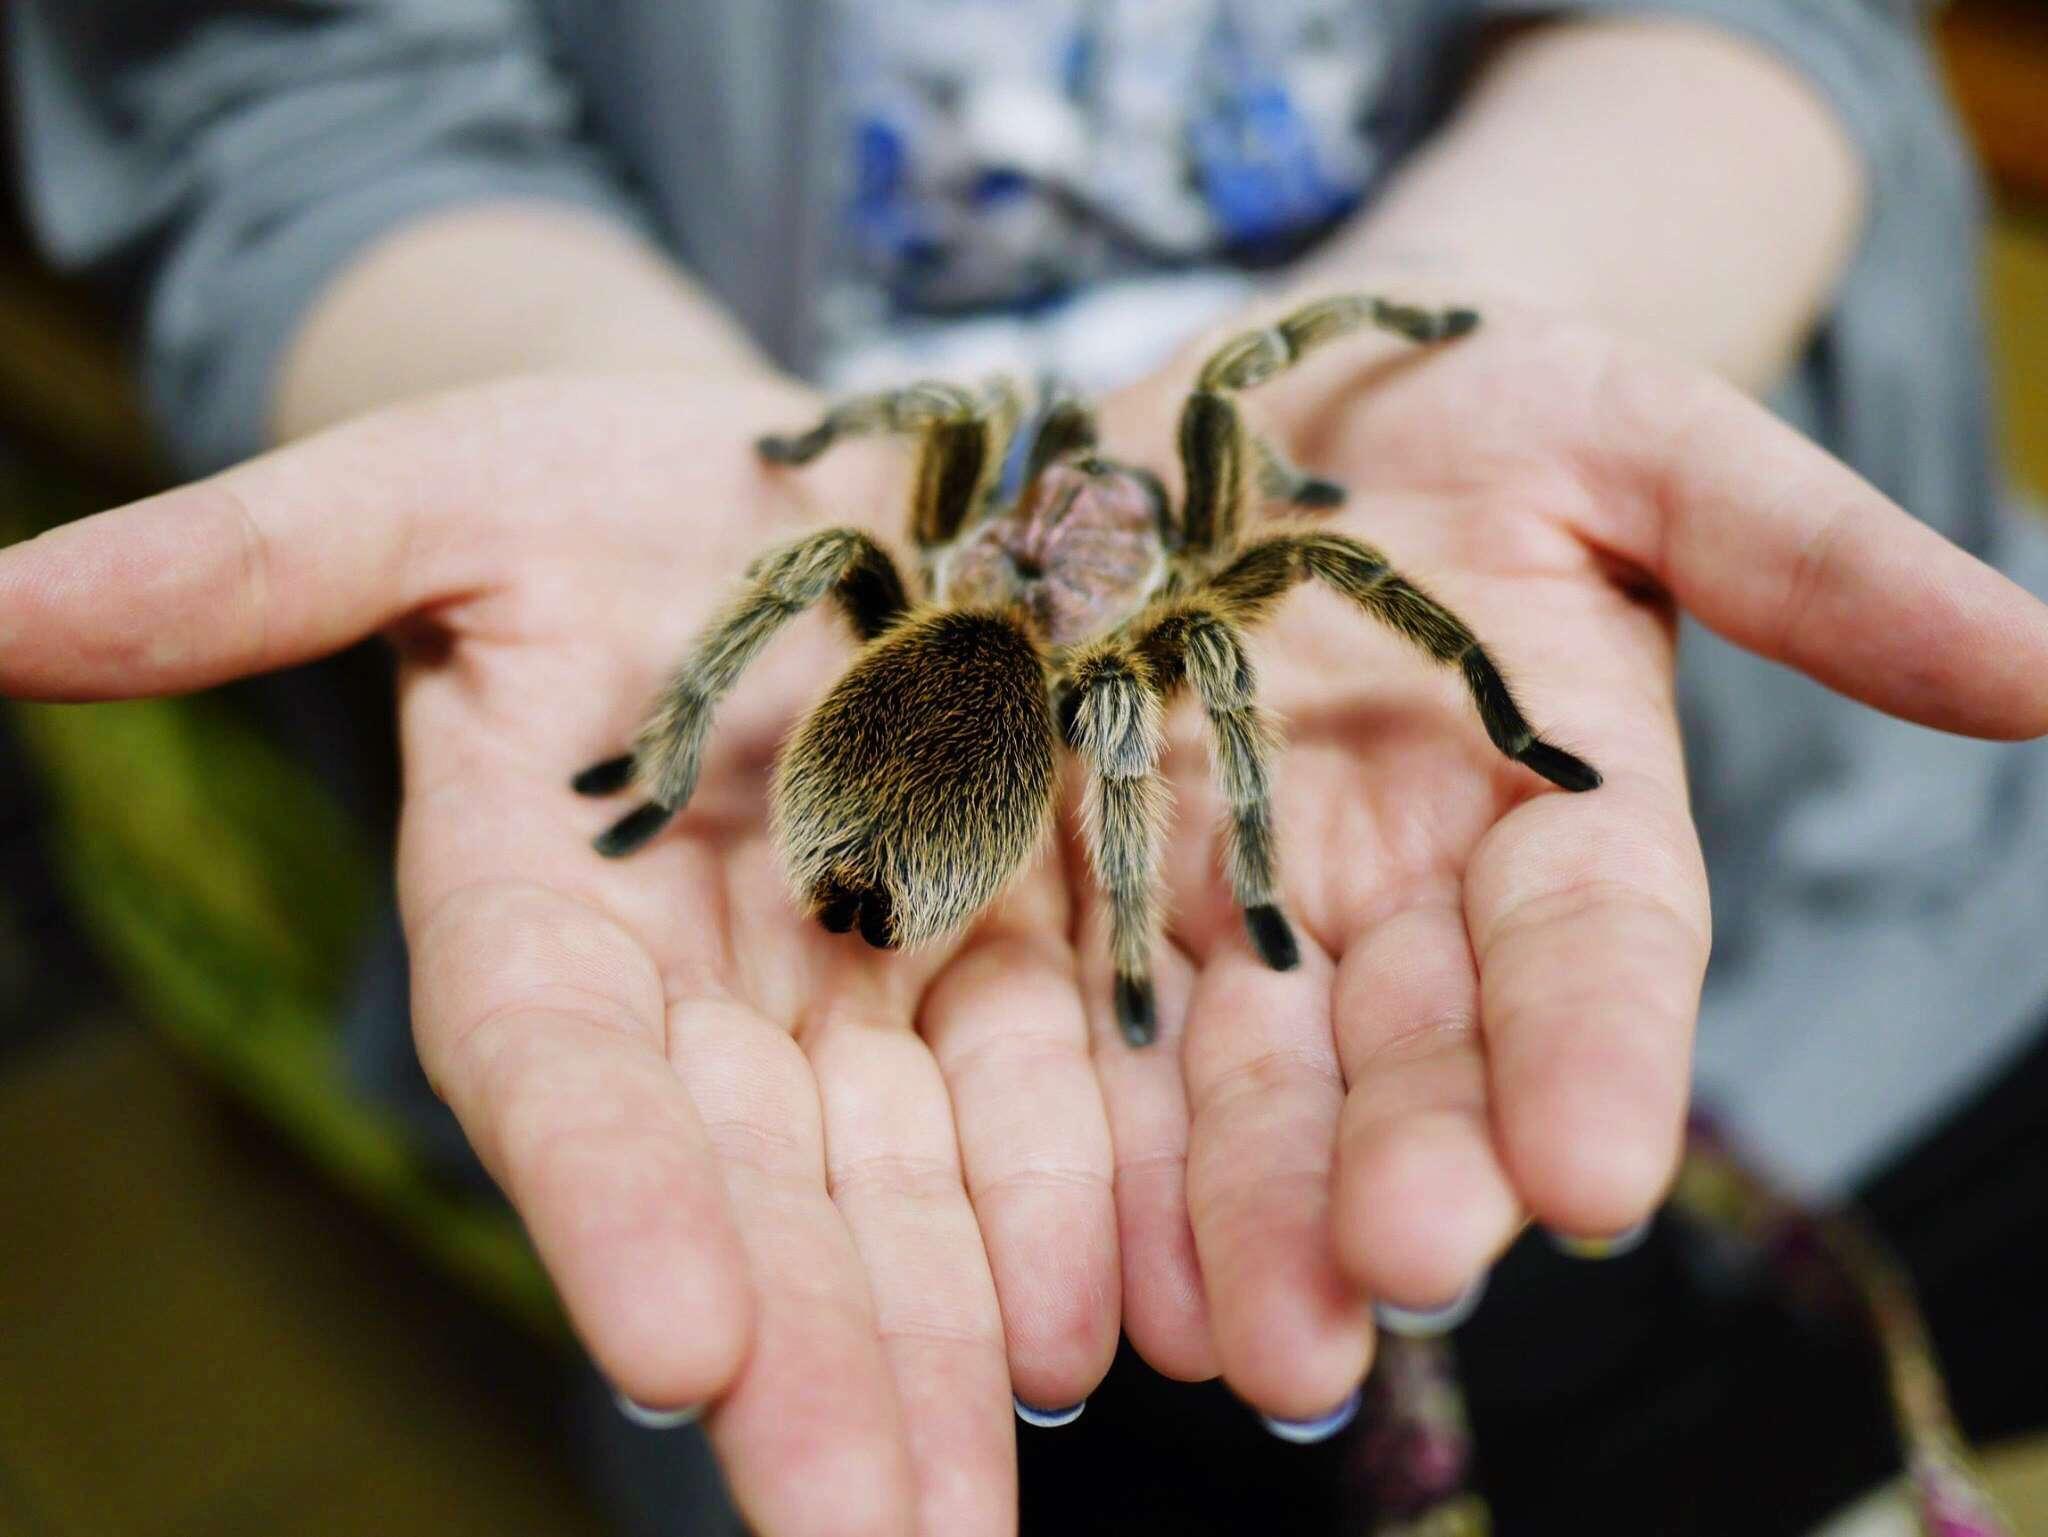 a tarantula in a person's palms